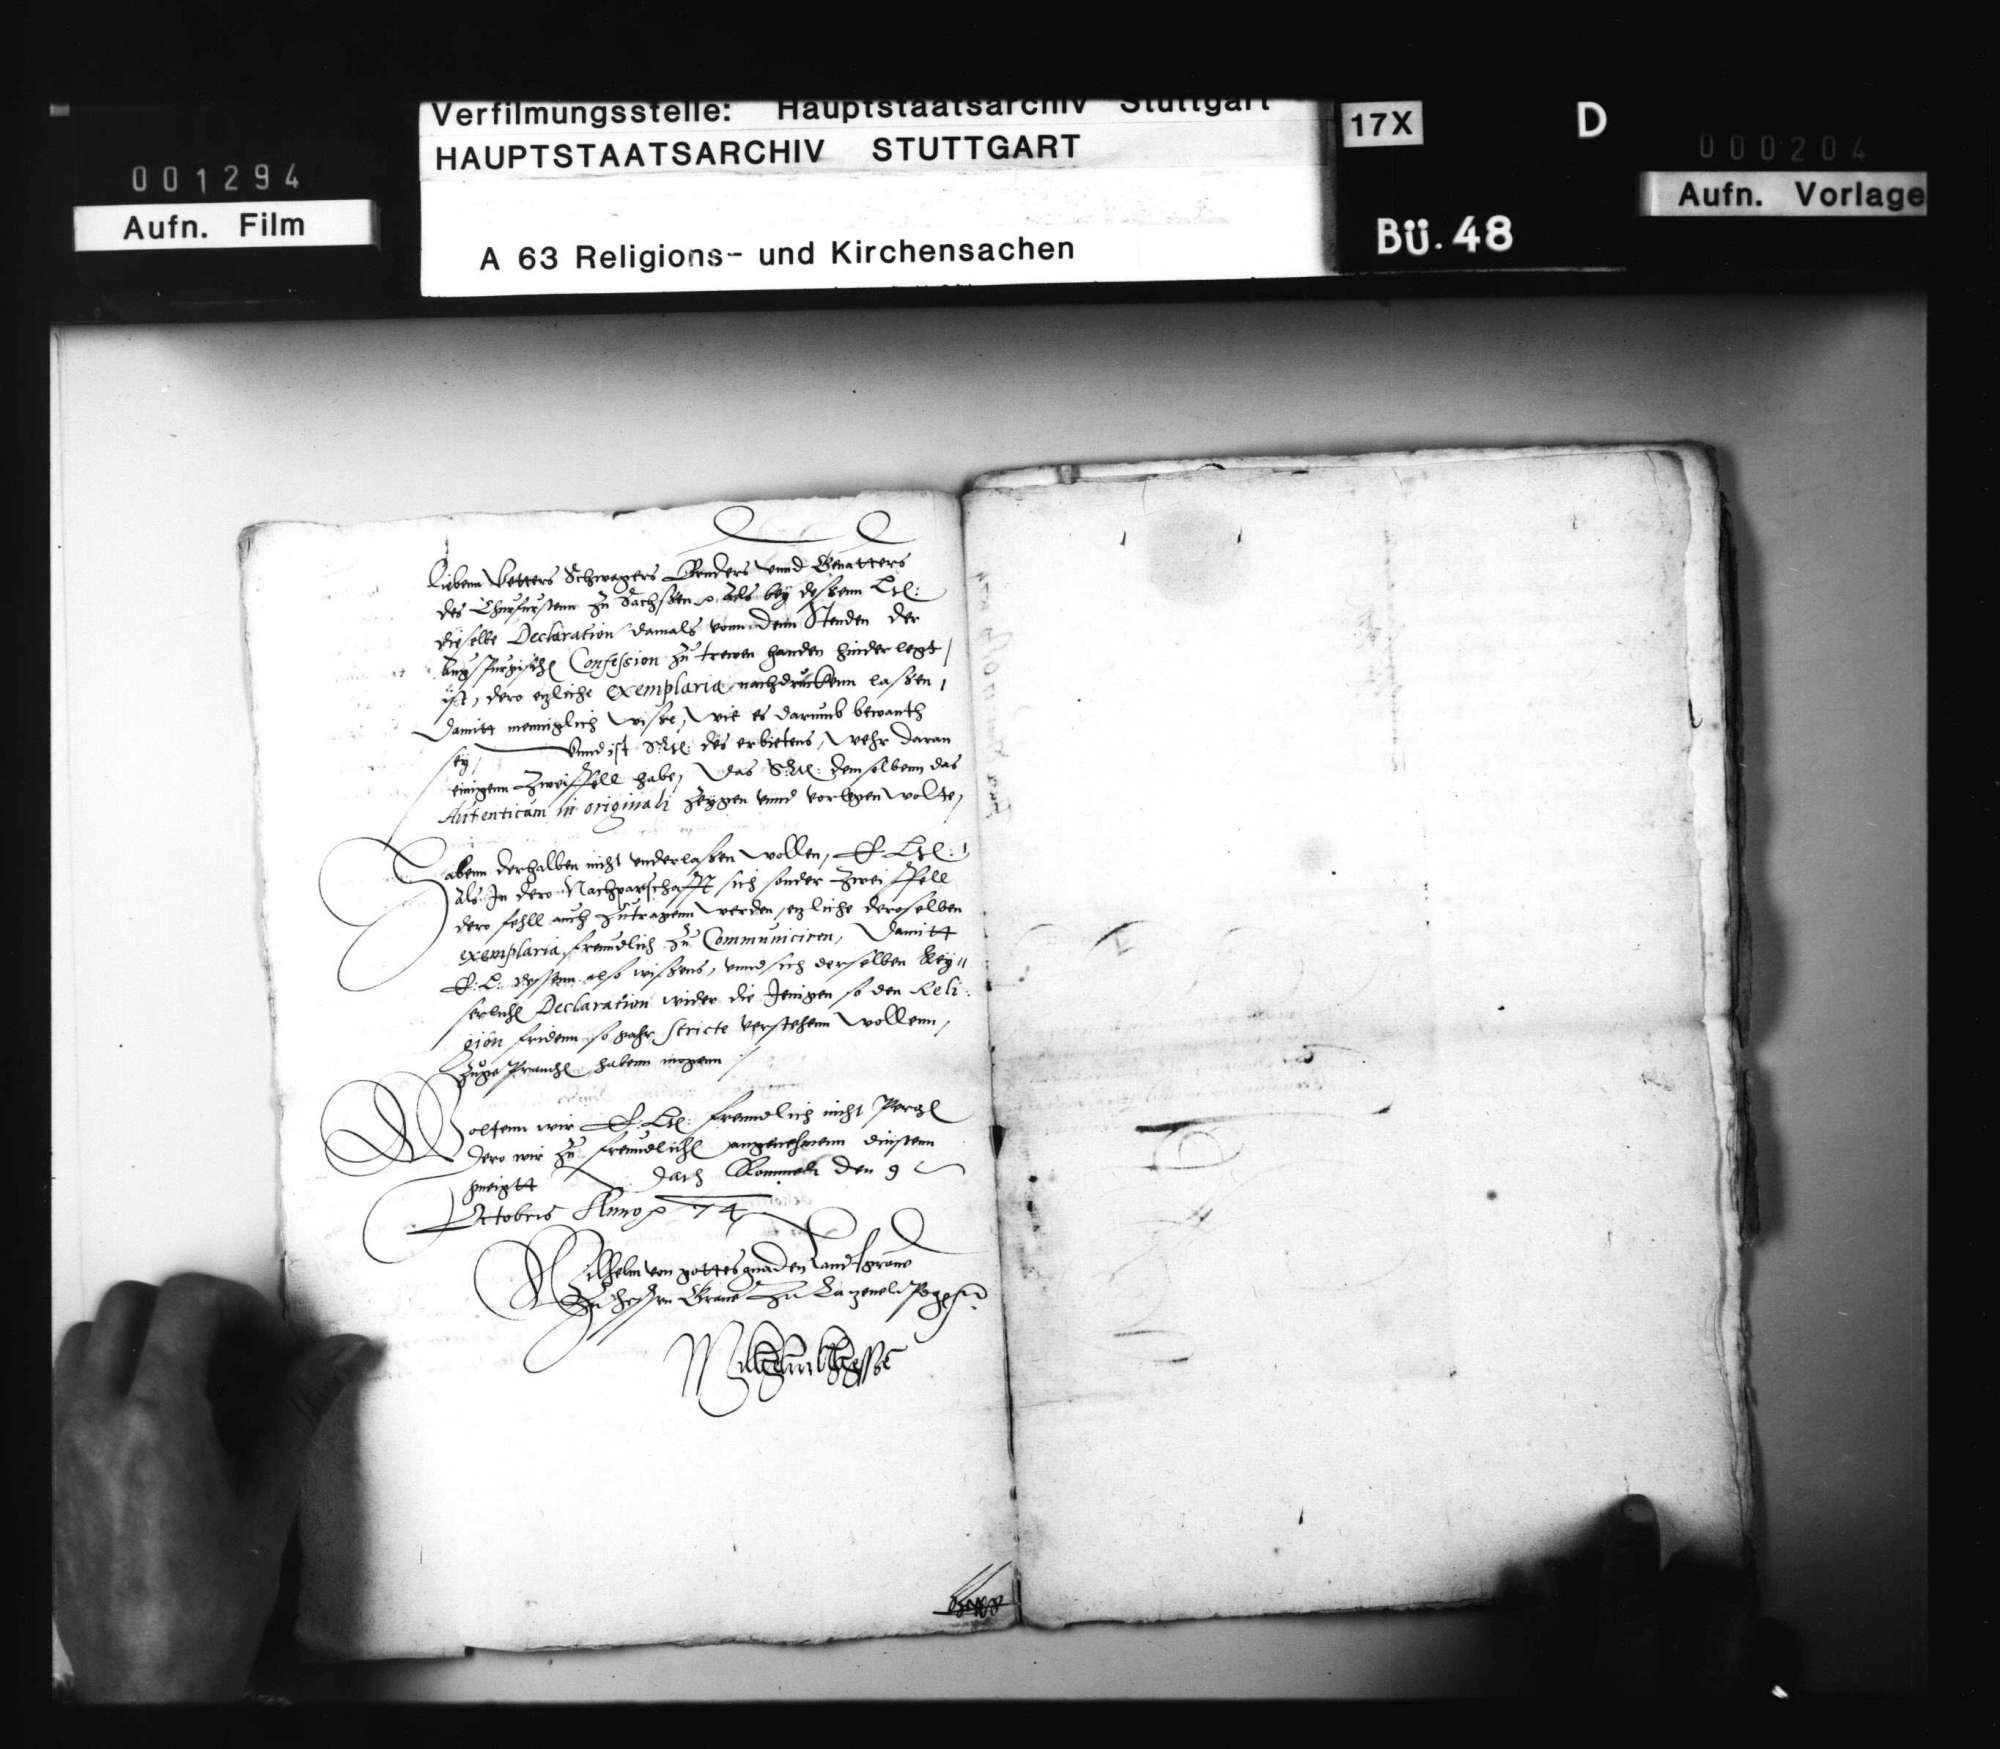 Schreiben Landgraf Wilhelms an Herzog Ludwig, betreffend die Auslegung des Augsburger Religionsfriedens, nebst Antwort., Bild 3